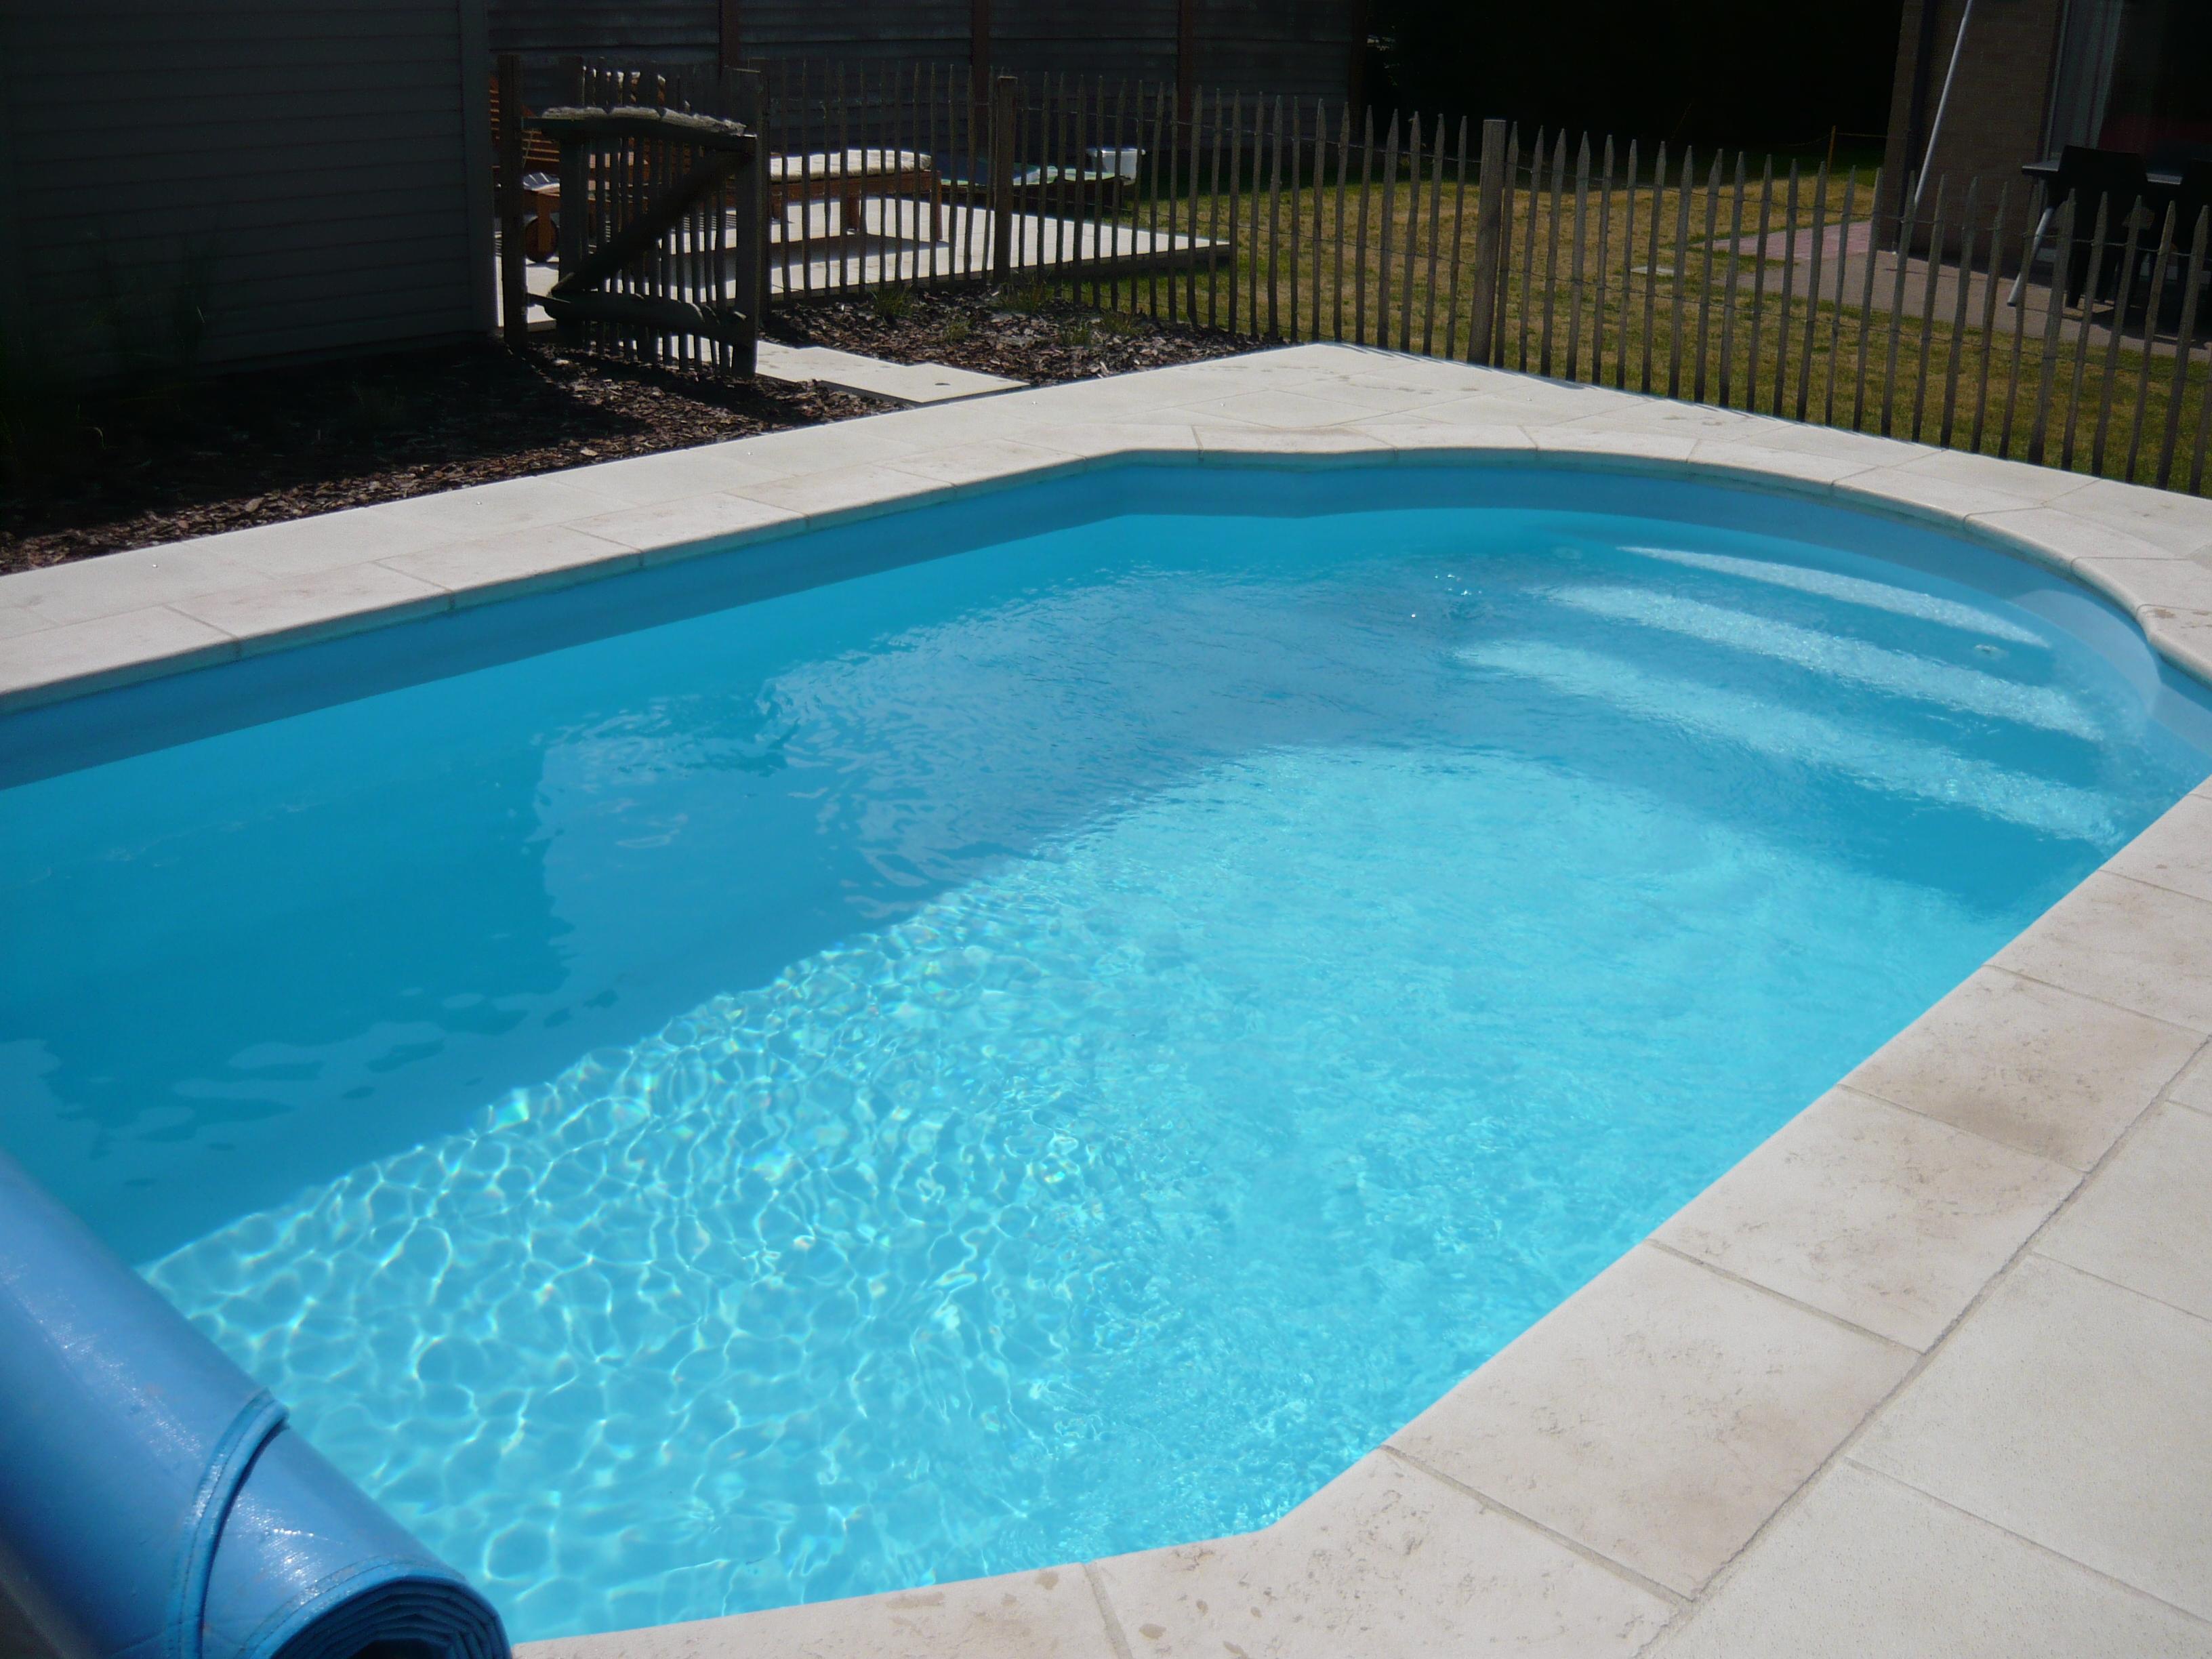 Aquapool   Een zwembad bouwen zonder zorgen, het kan